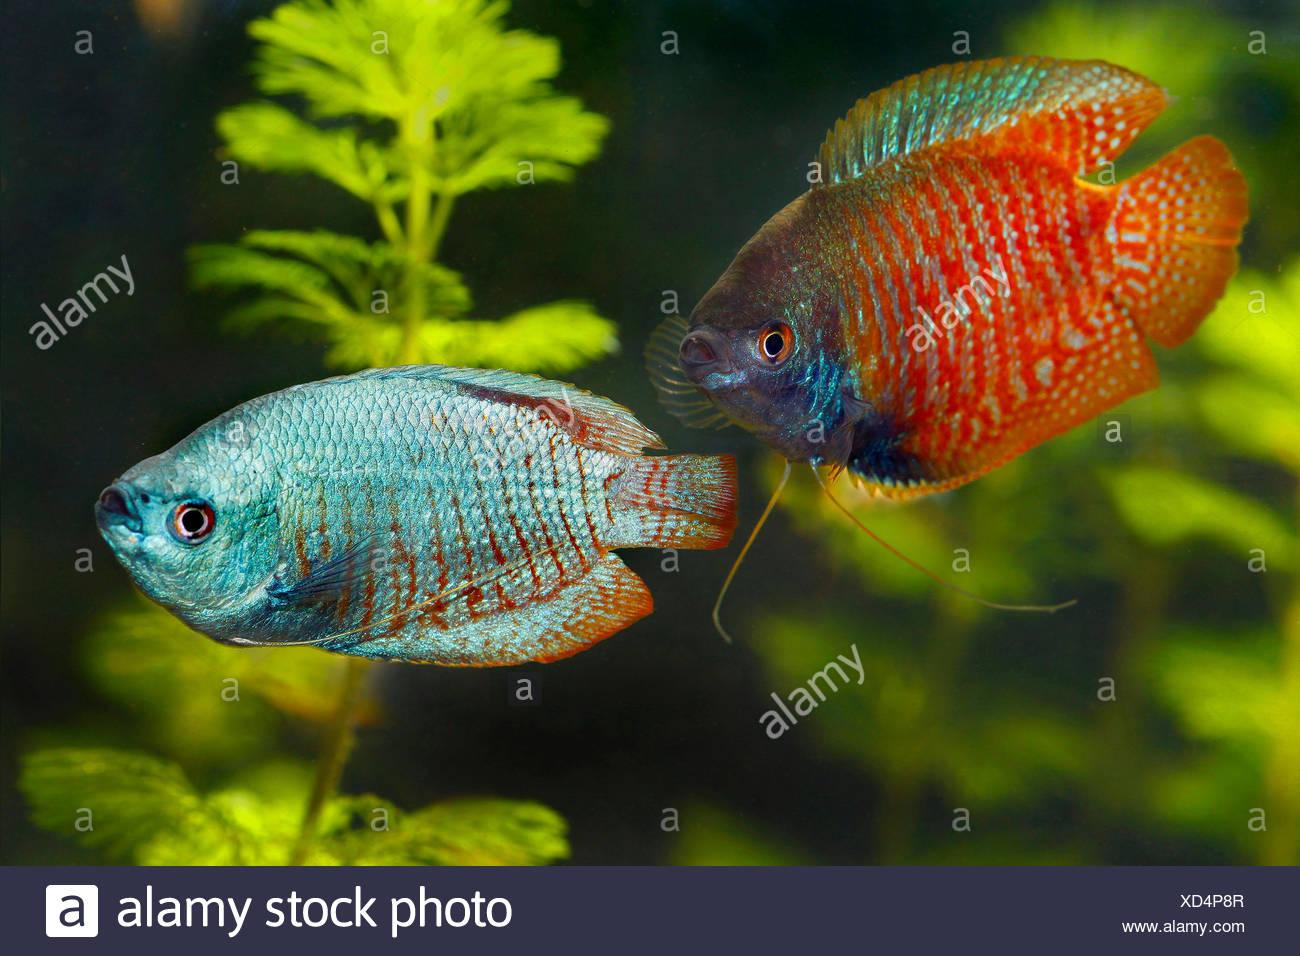 dwarf gourami, couple, Colisa lalia, Trichogaster lalius, South Asia Stock Photo